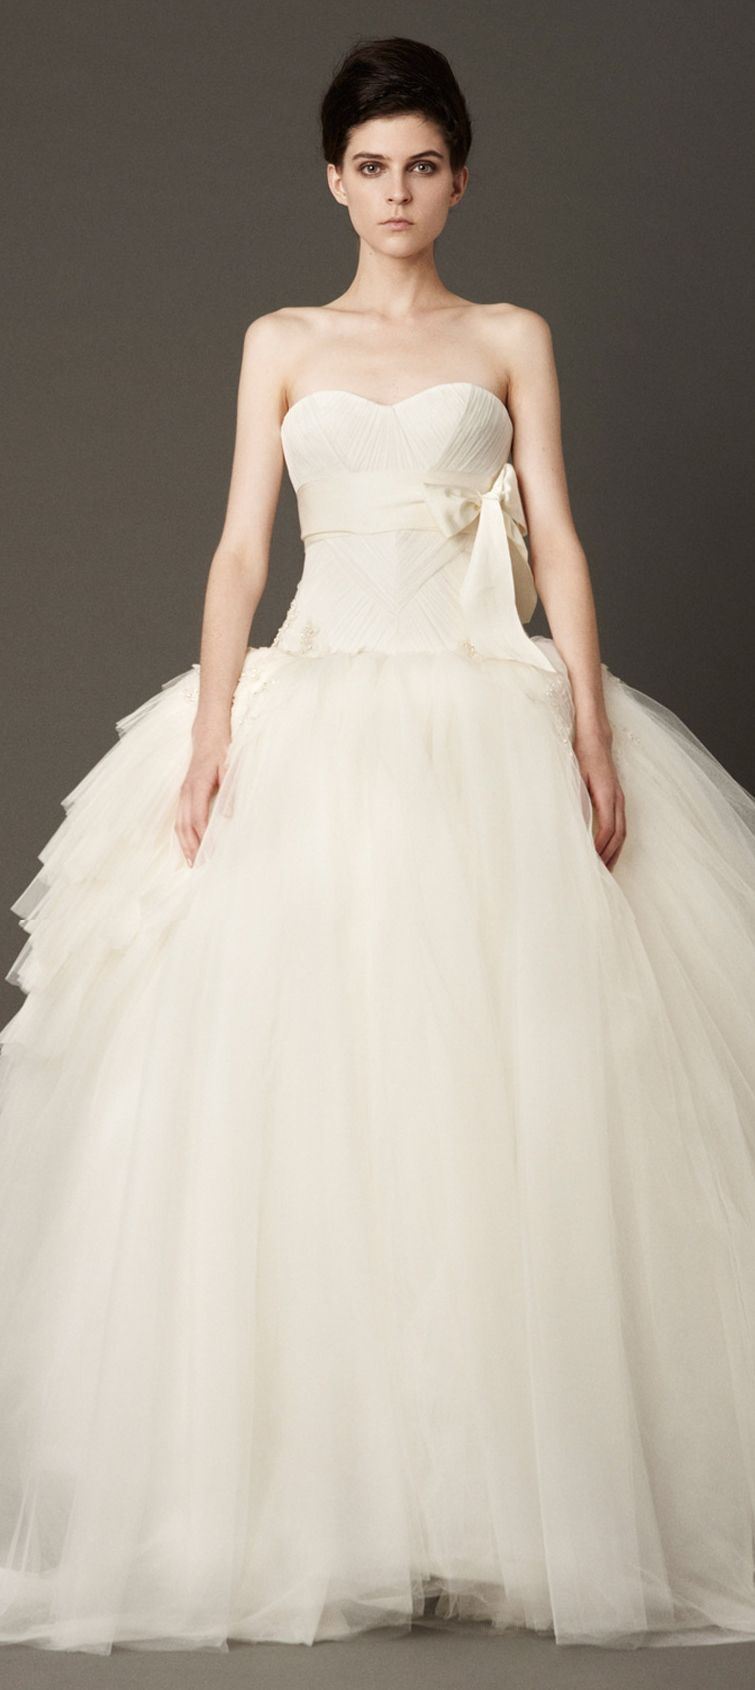 Vera Wang - BRIDAL COLLECTION FALL 2013 - Louisa | Bridal Dresses ...